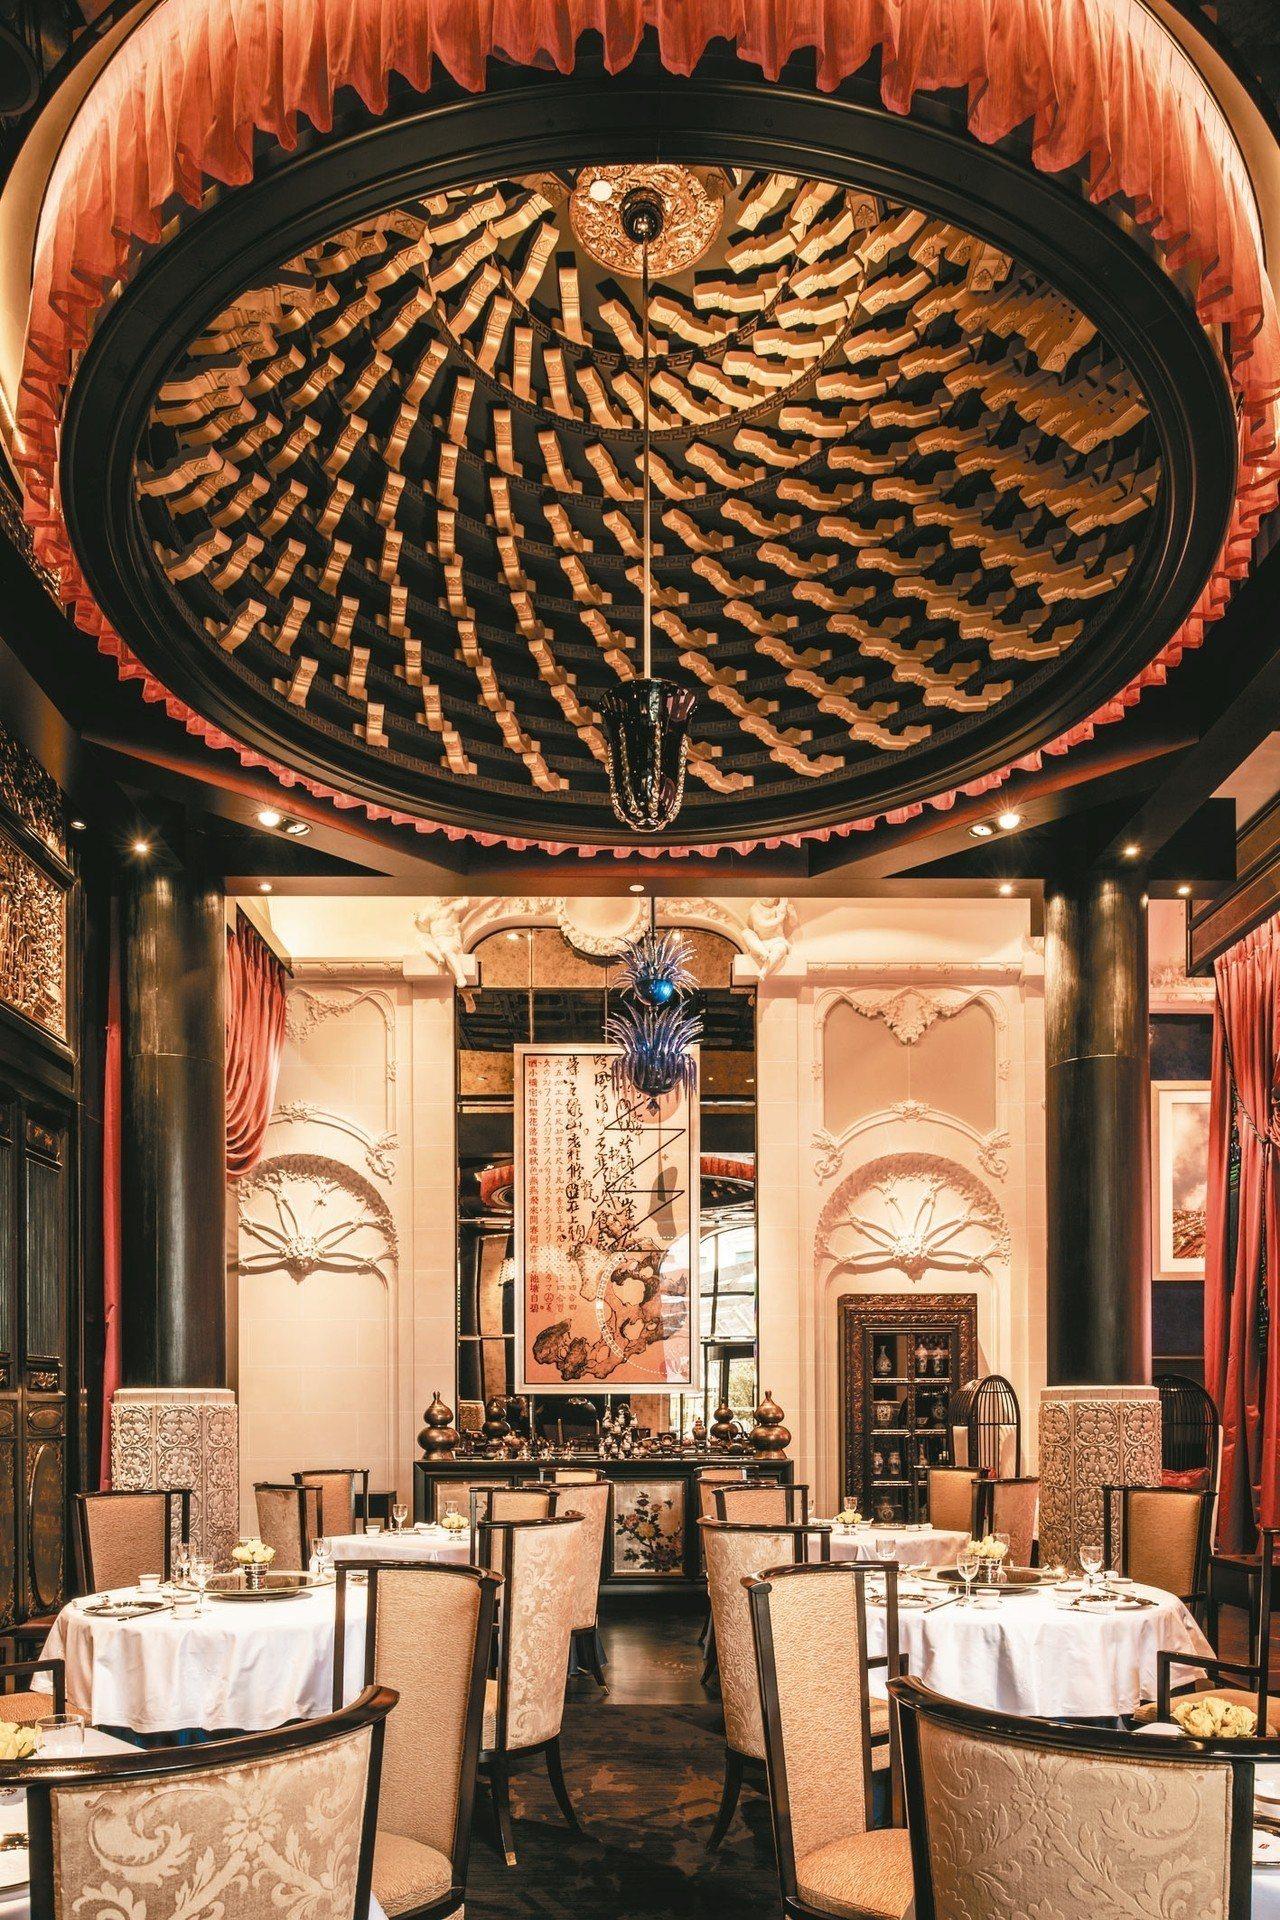 以二○年代著名京劇女伶莉莉為名的中餐廳「莉莉Li Li」。 圖/謝忠道